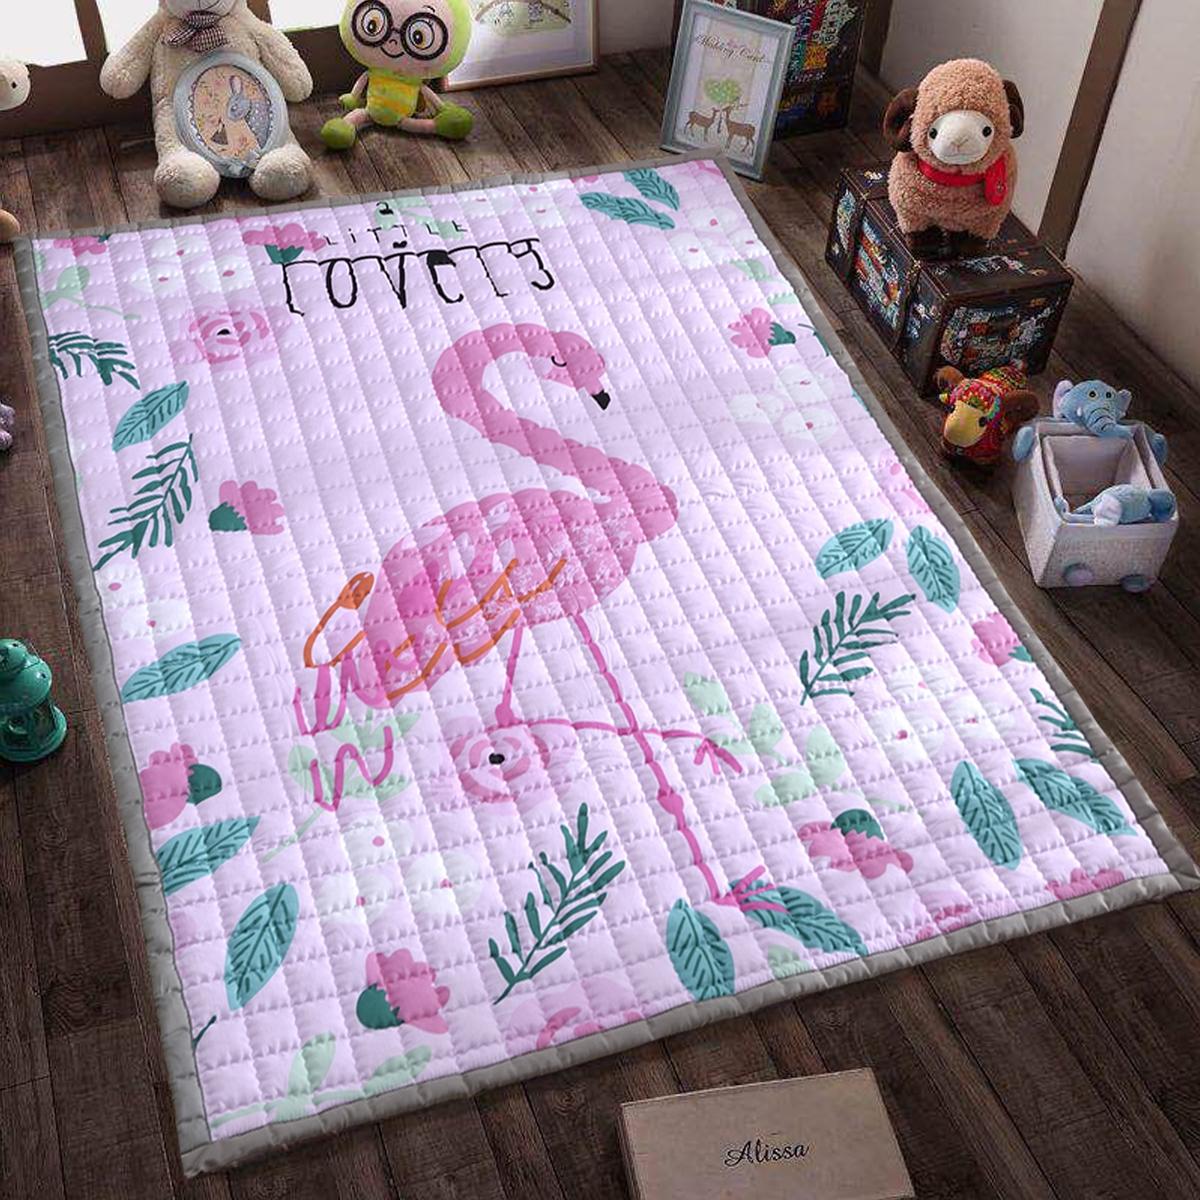 全棉环保加厚宝宝爬行垫儿童爬爬垫折叠地垫防滑机洗家用卧室客厅